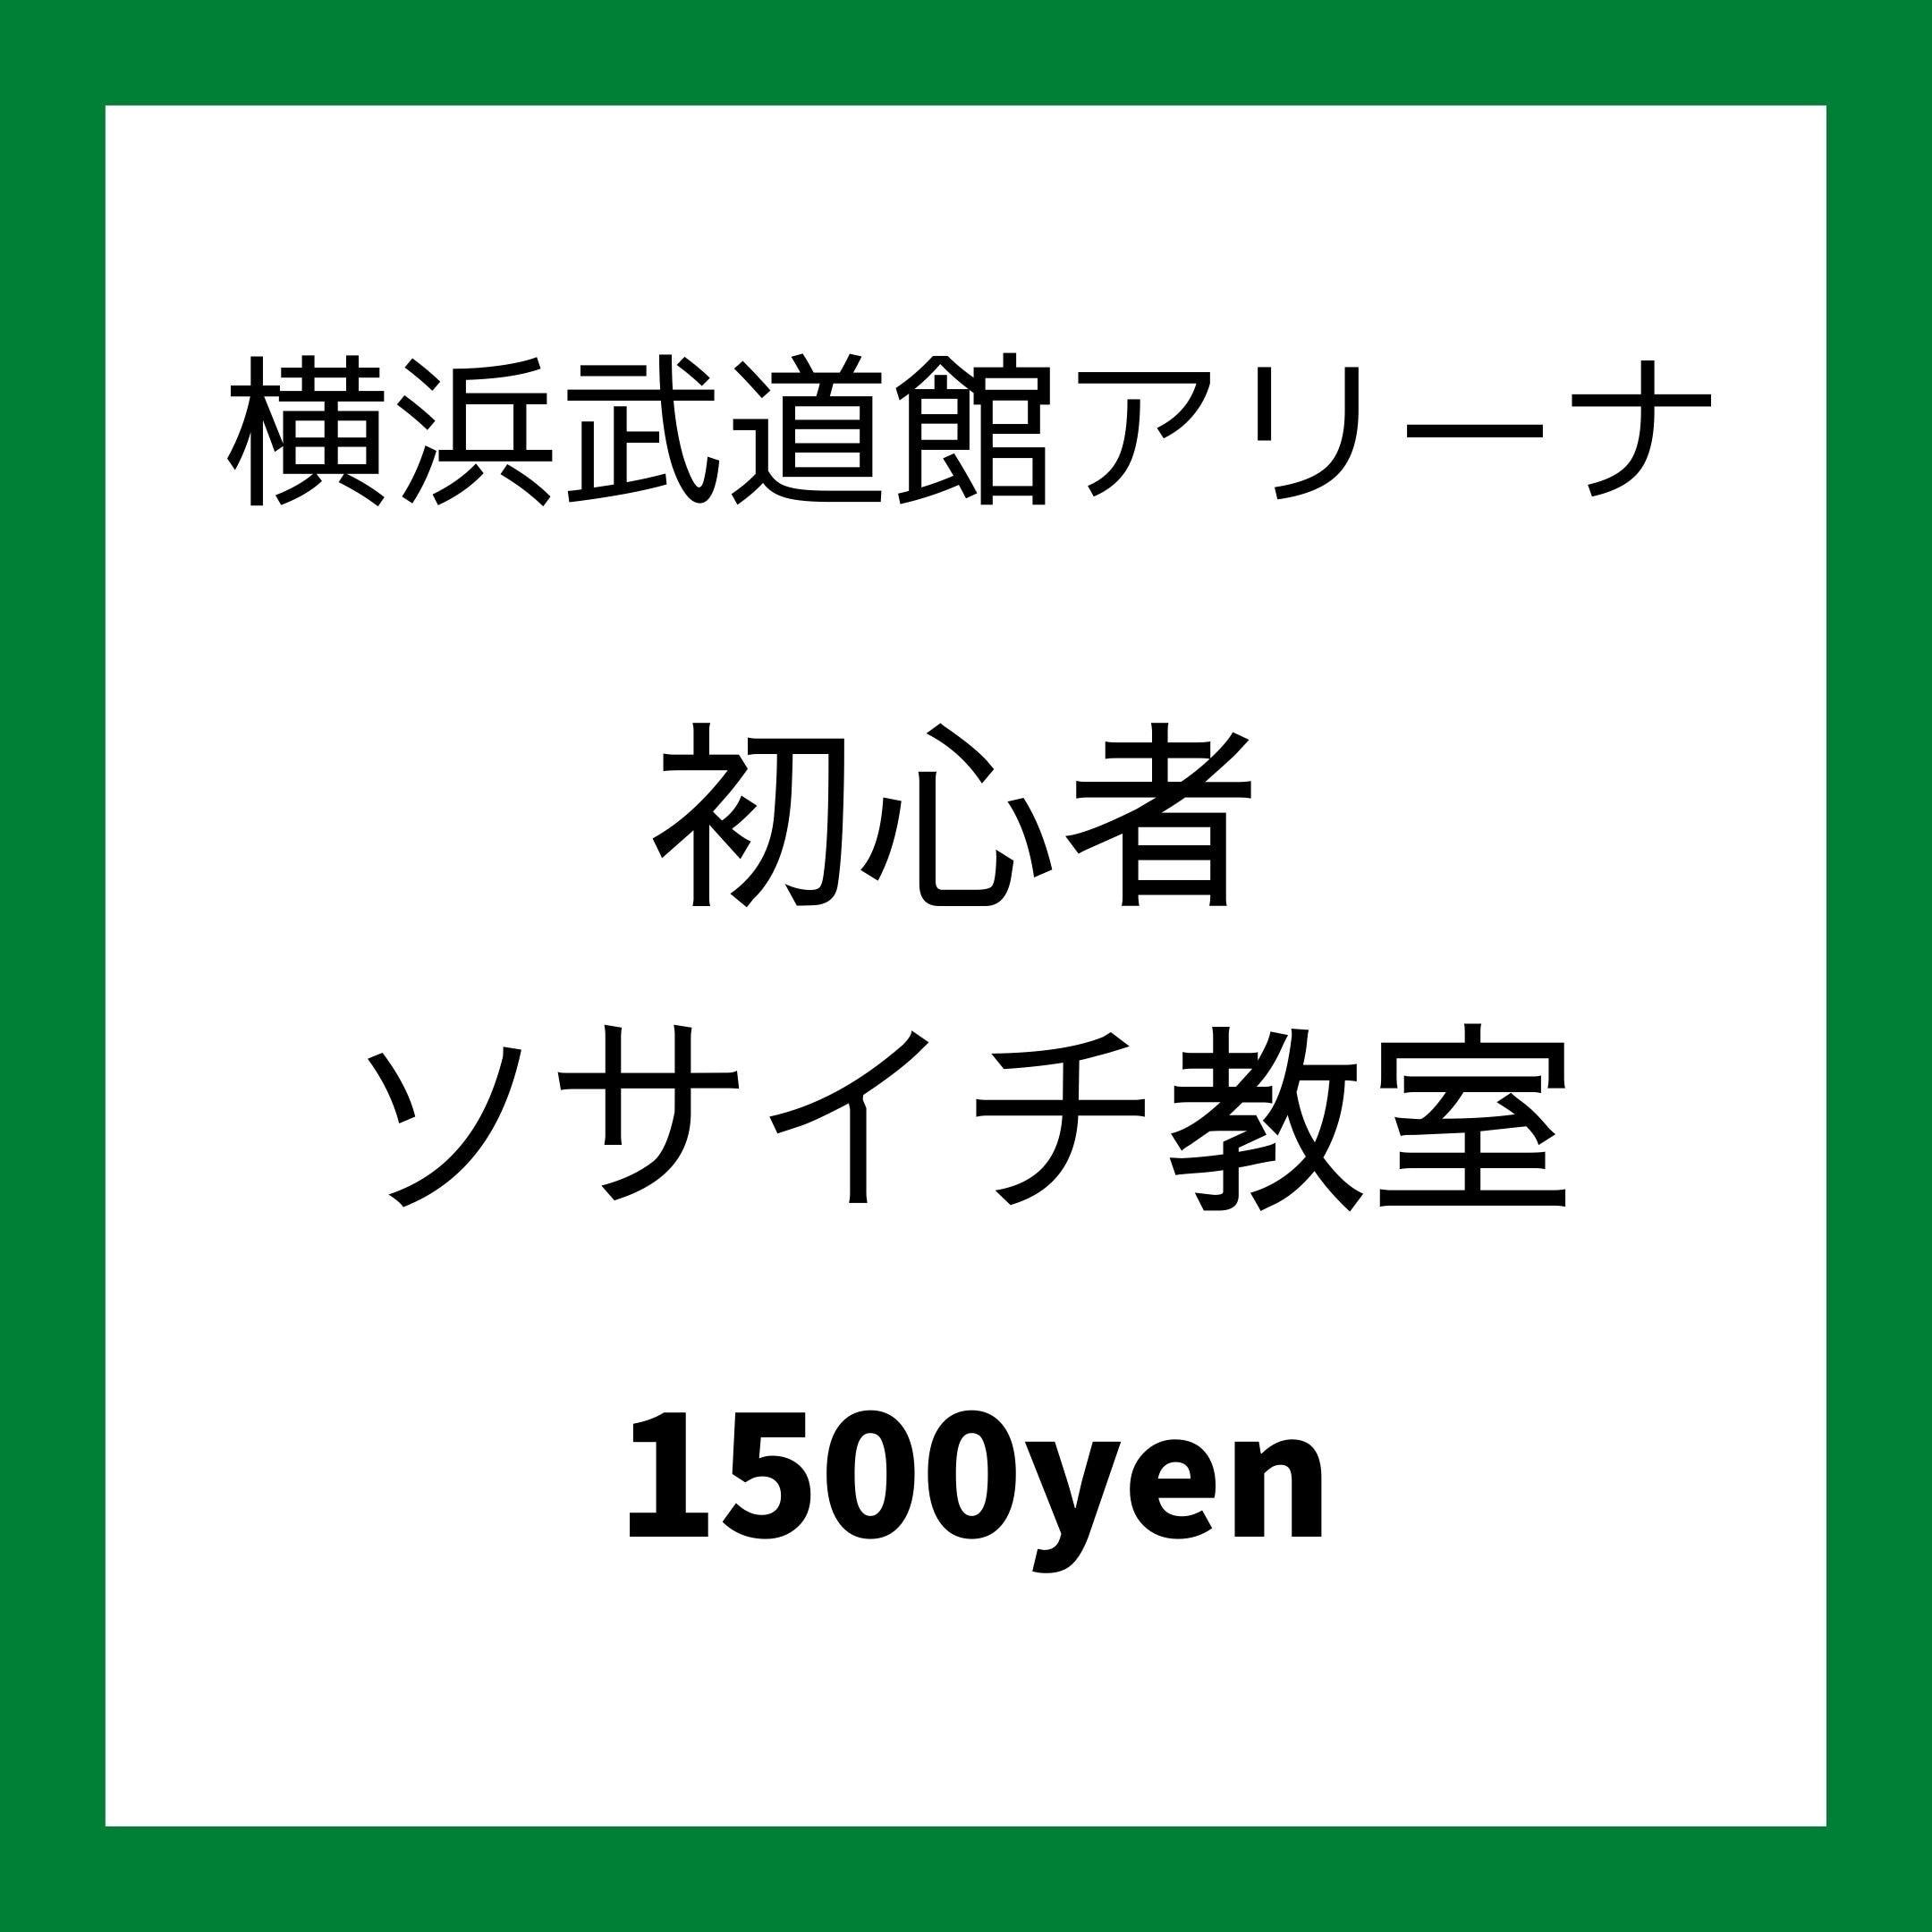 【初心者対象:年齢中学生以上】ソサイチ教室 横浜武道館アリーナのイメージその1